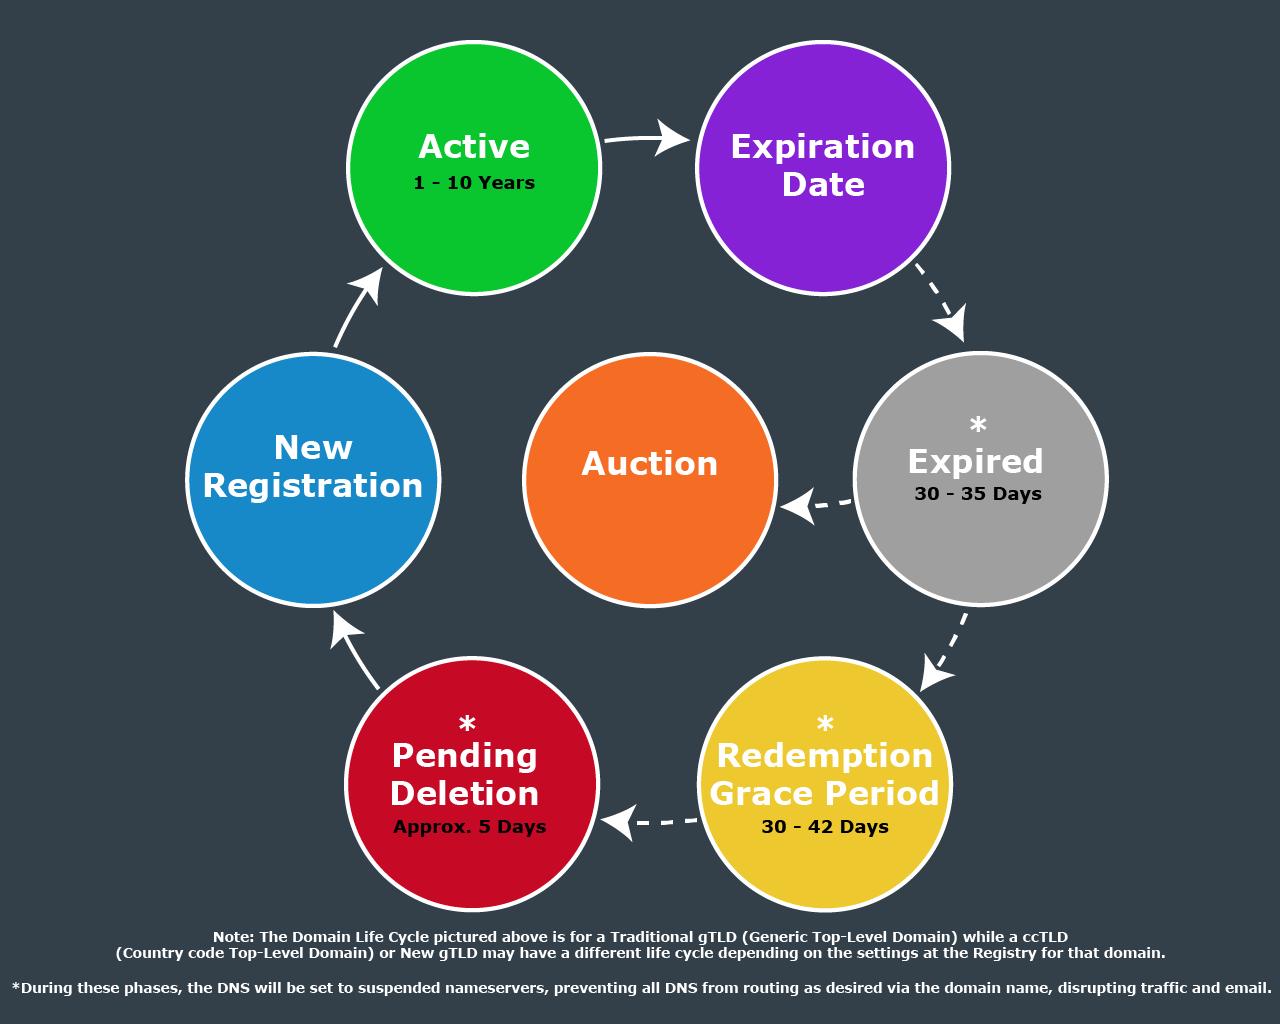 Domain Life Cycle Grapic